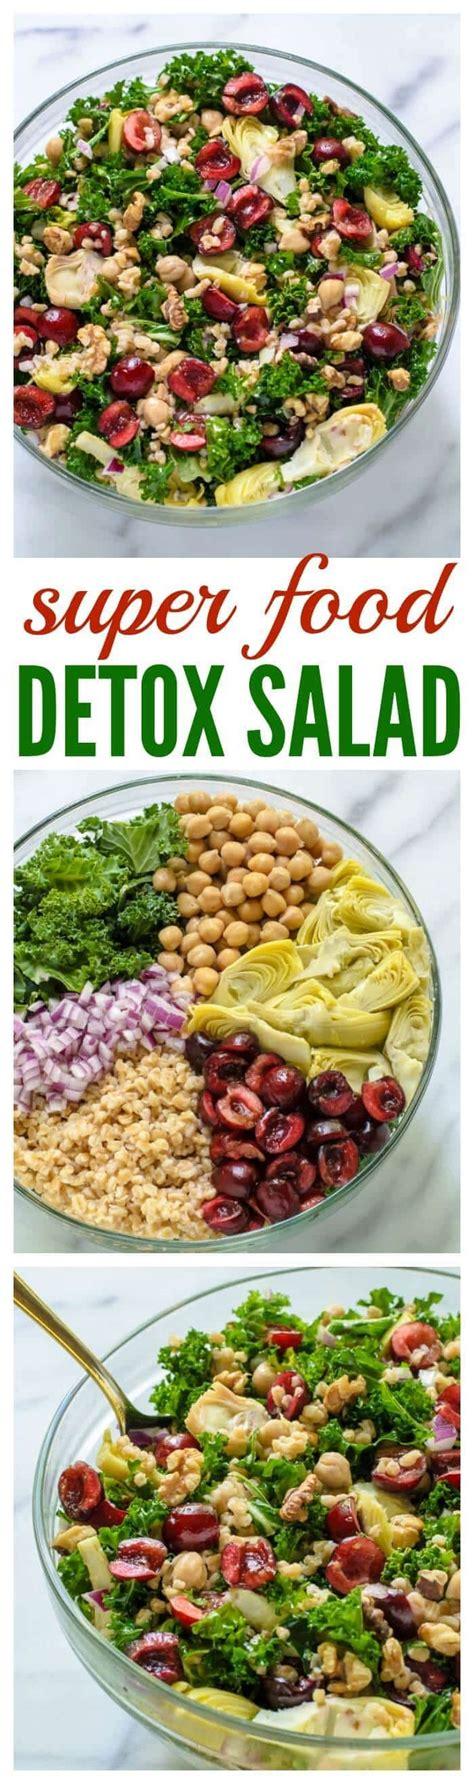 Whole Foods Detox Salad Nutrition by Kroger Superfood Salad